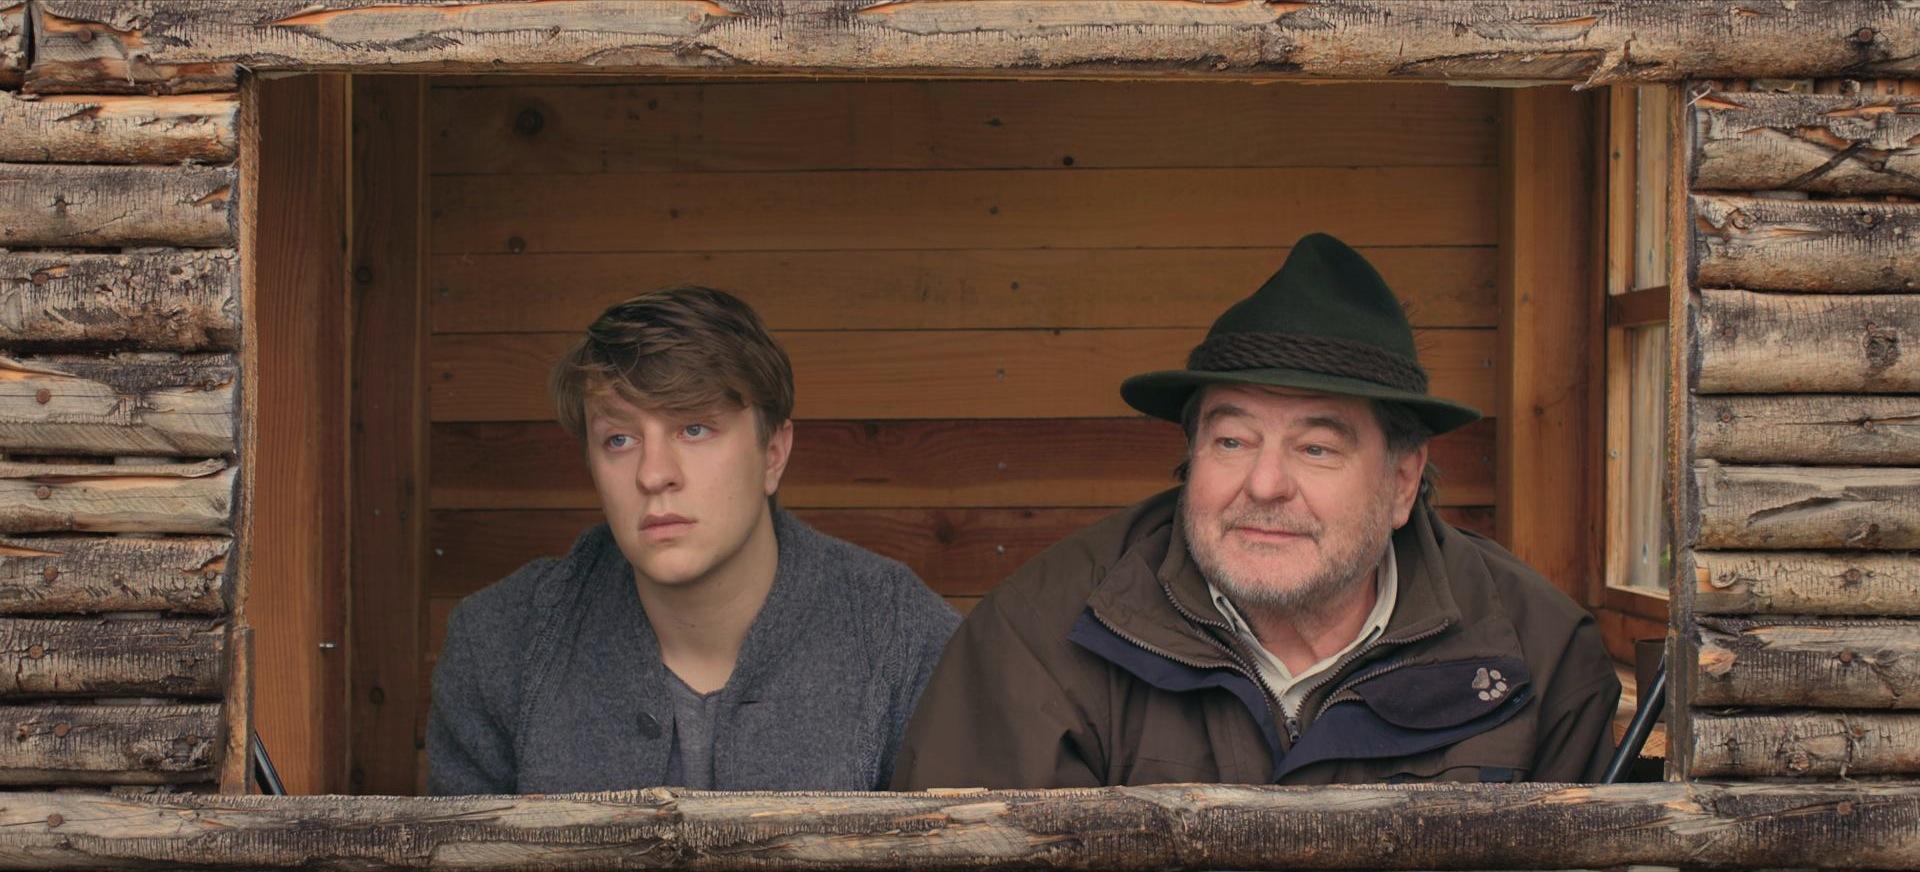 Jungwild / Buck - Austria, 2016, 16 min.Director: Bernhard Wenger